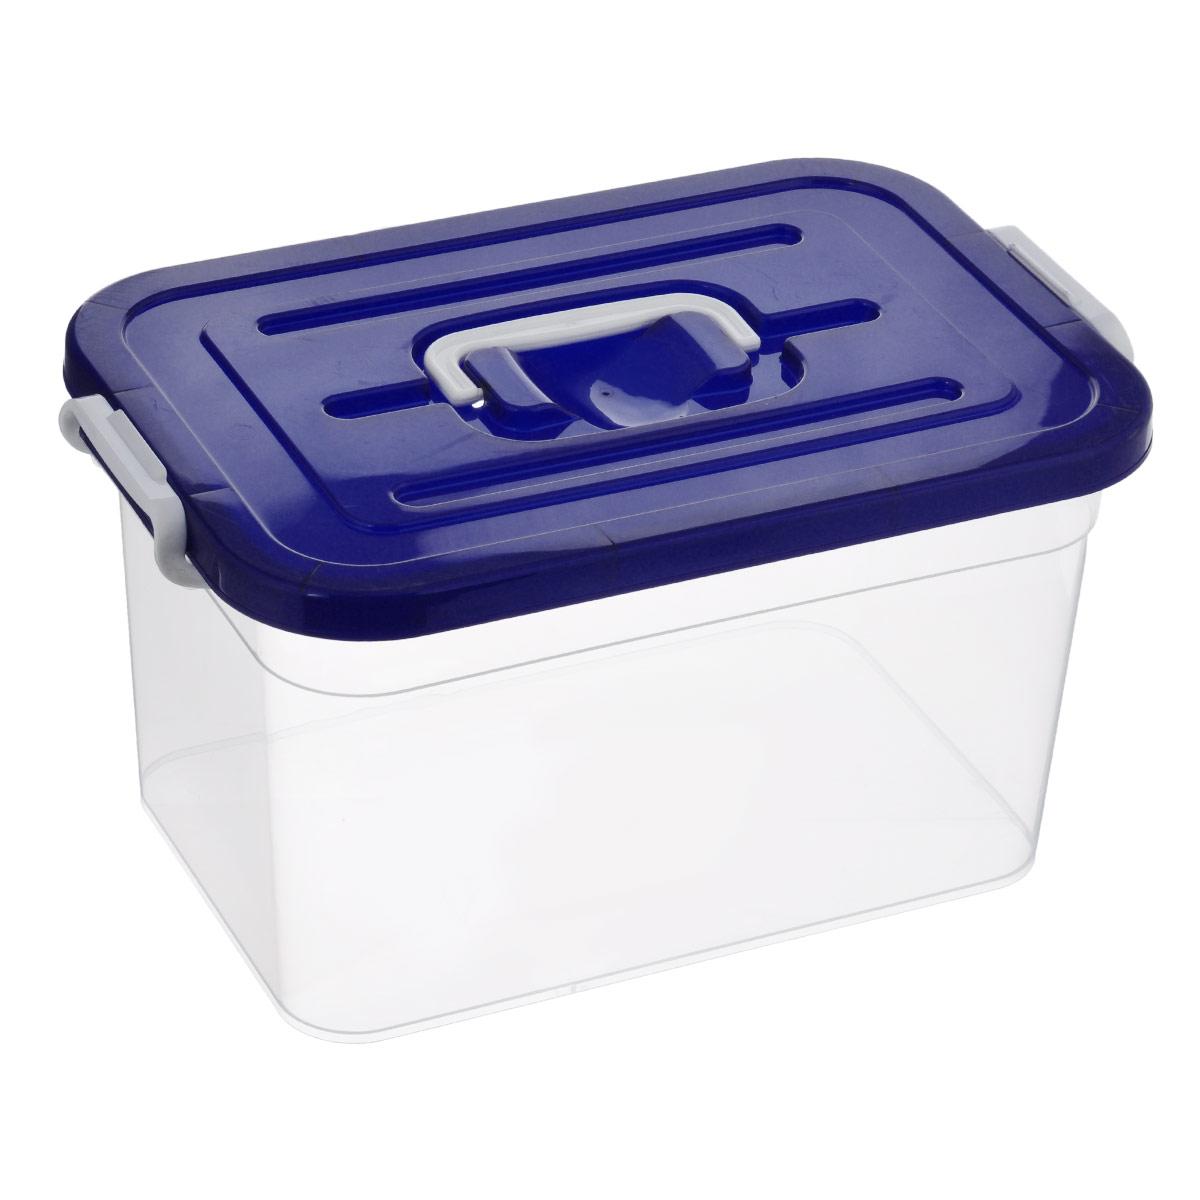 Контейнер для хранения Полимербыт, цвет: темно-синий, 10 лS03301004Контейнер для хранения Полимербыт выполнен из высококачественного пищевого пластика. Контейнер снабжен удобной ручкой и двумя пластиковыми фиксаторами по бокам, придающими дополнительную надежность закрывания крышки. Вместительный контейнер позволит сохранить различные нужные вещи в порядке, а герметичная крышка предотвратит случайное открывание, защитит содержимое от пыли и грязи. Объем: 10 л.